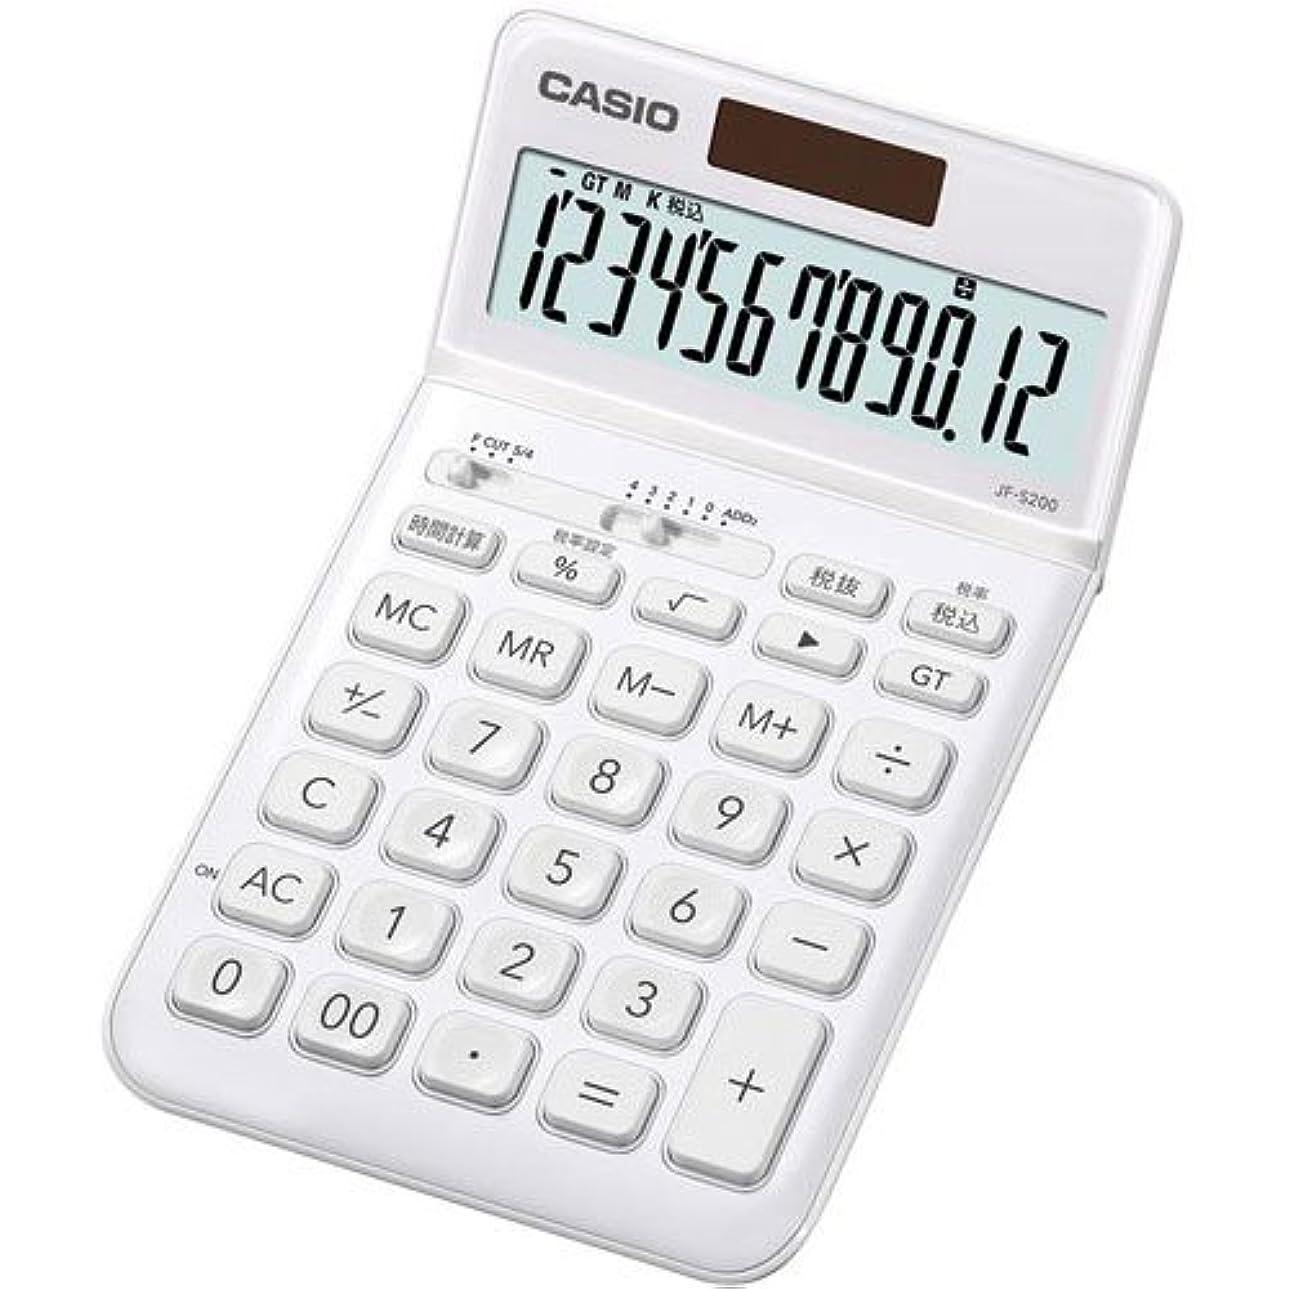 ホイール偽反射カシオ スタイリッシュ電卓 ホワイト×3